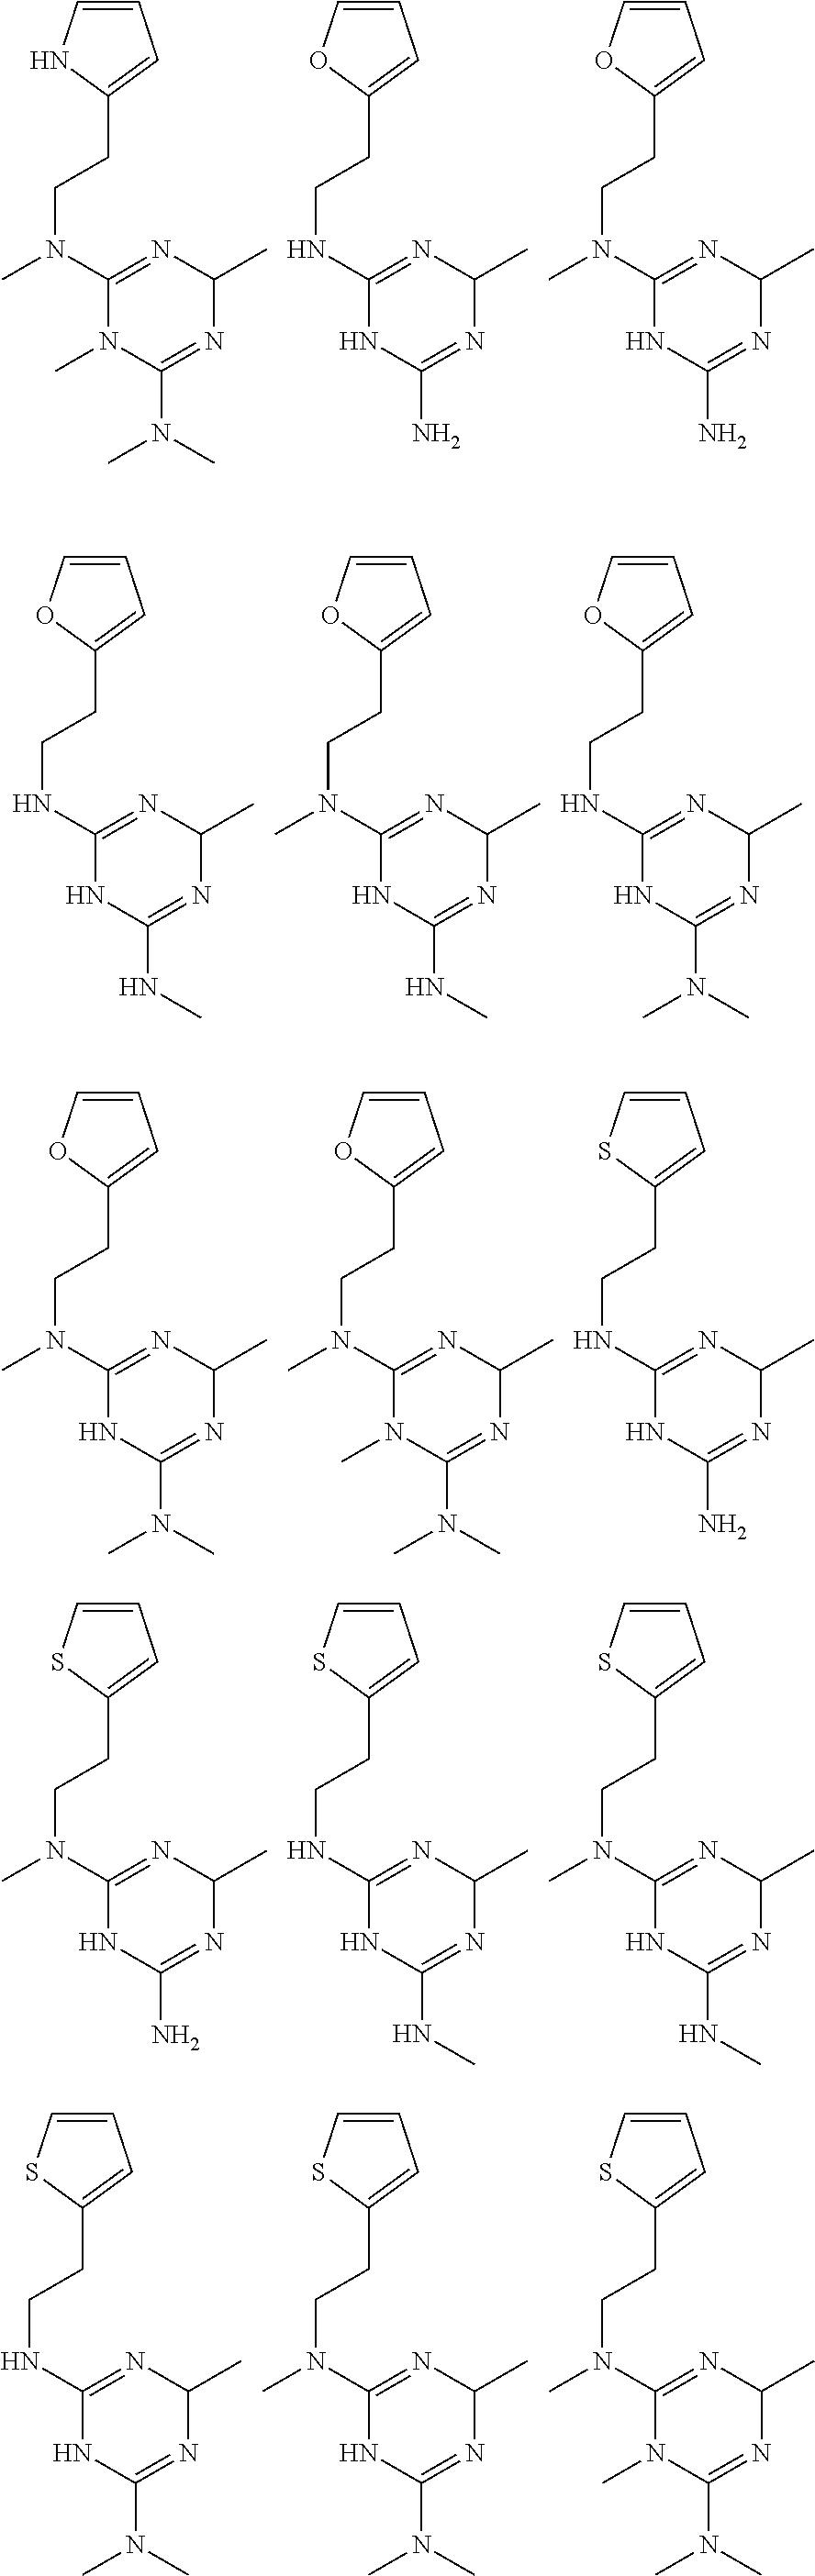 Figure US09480663-20161101-C00199